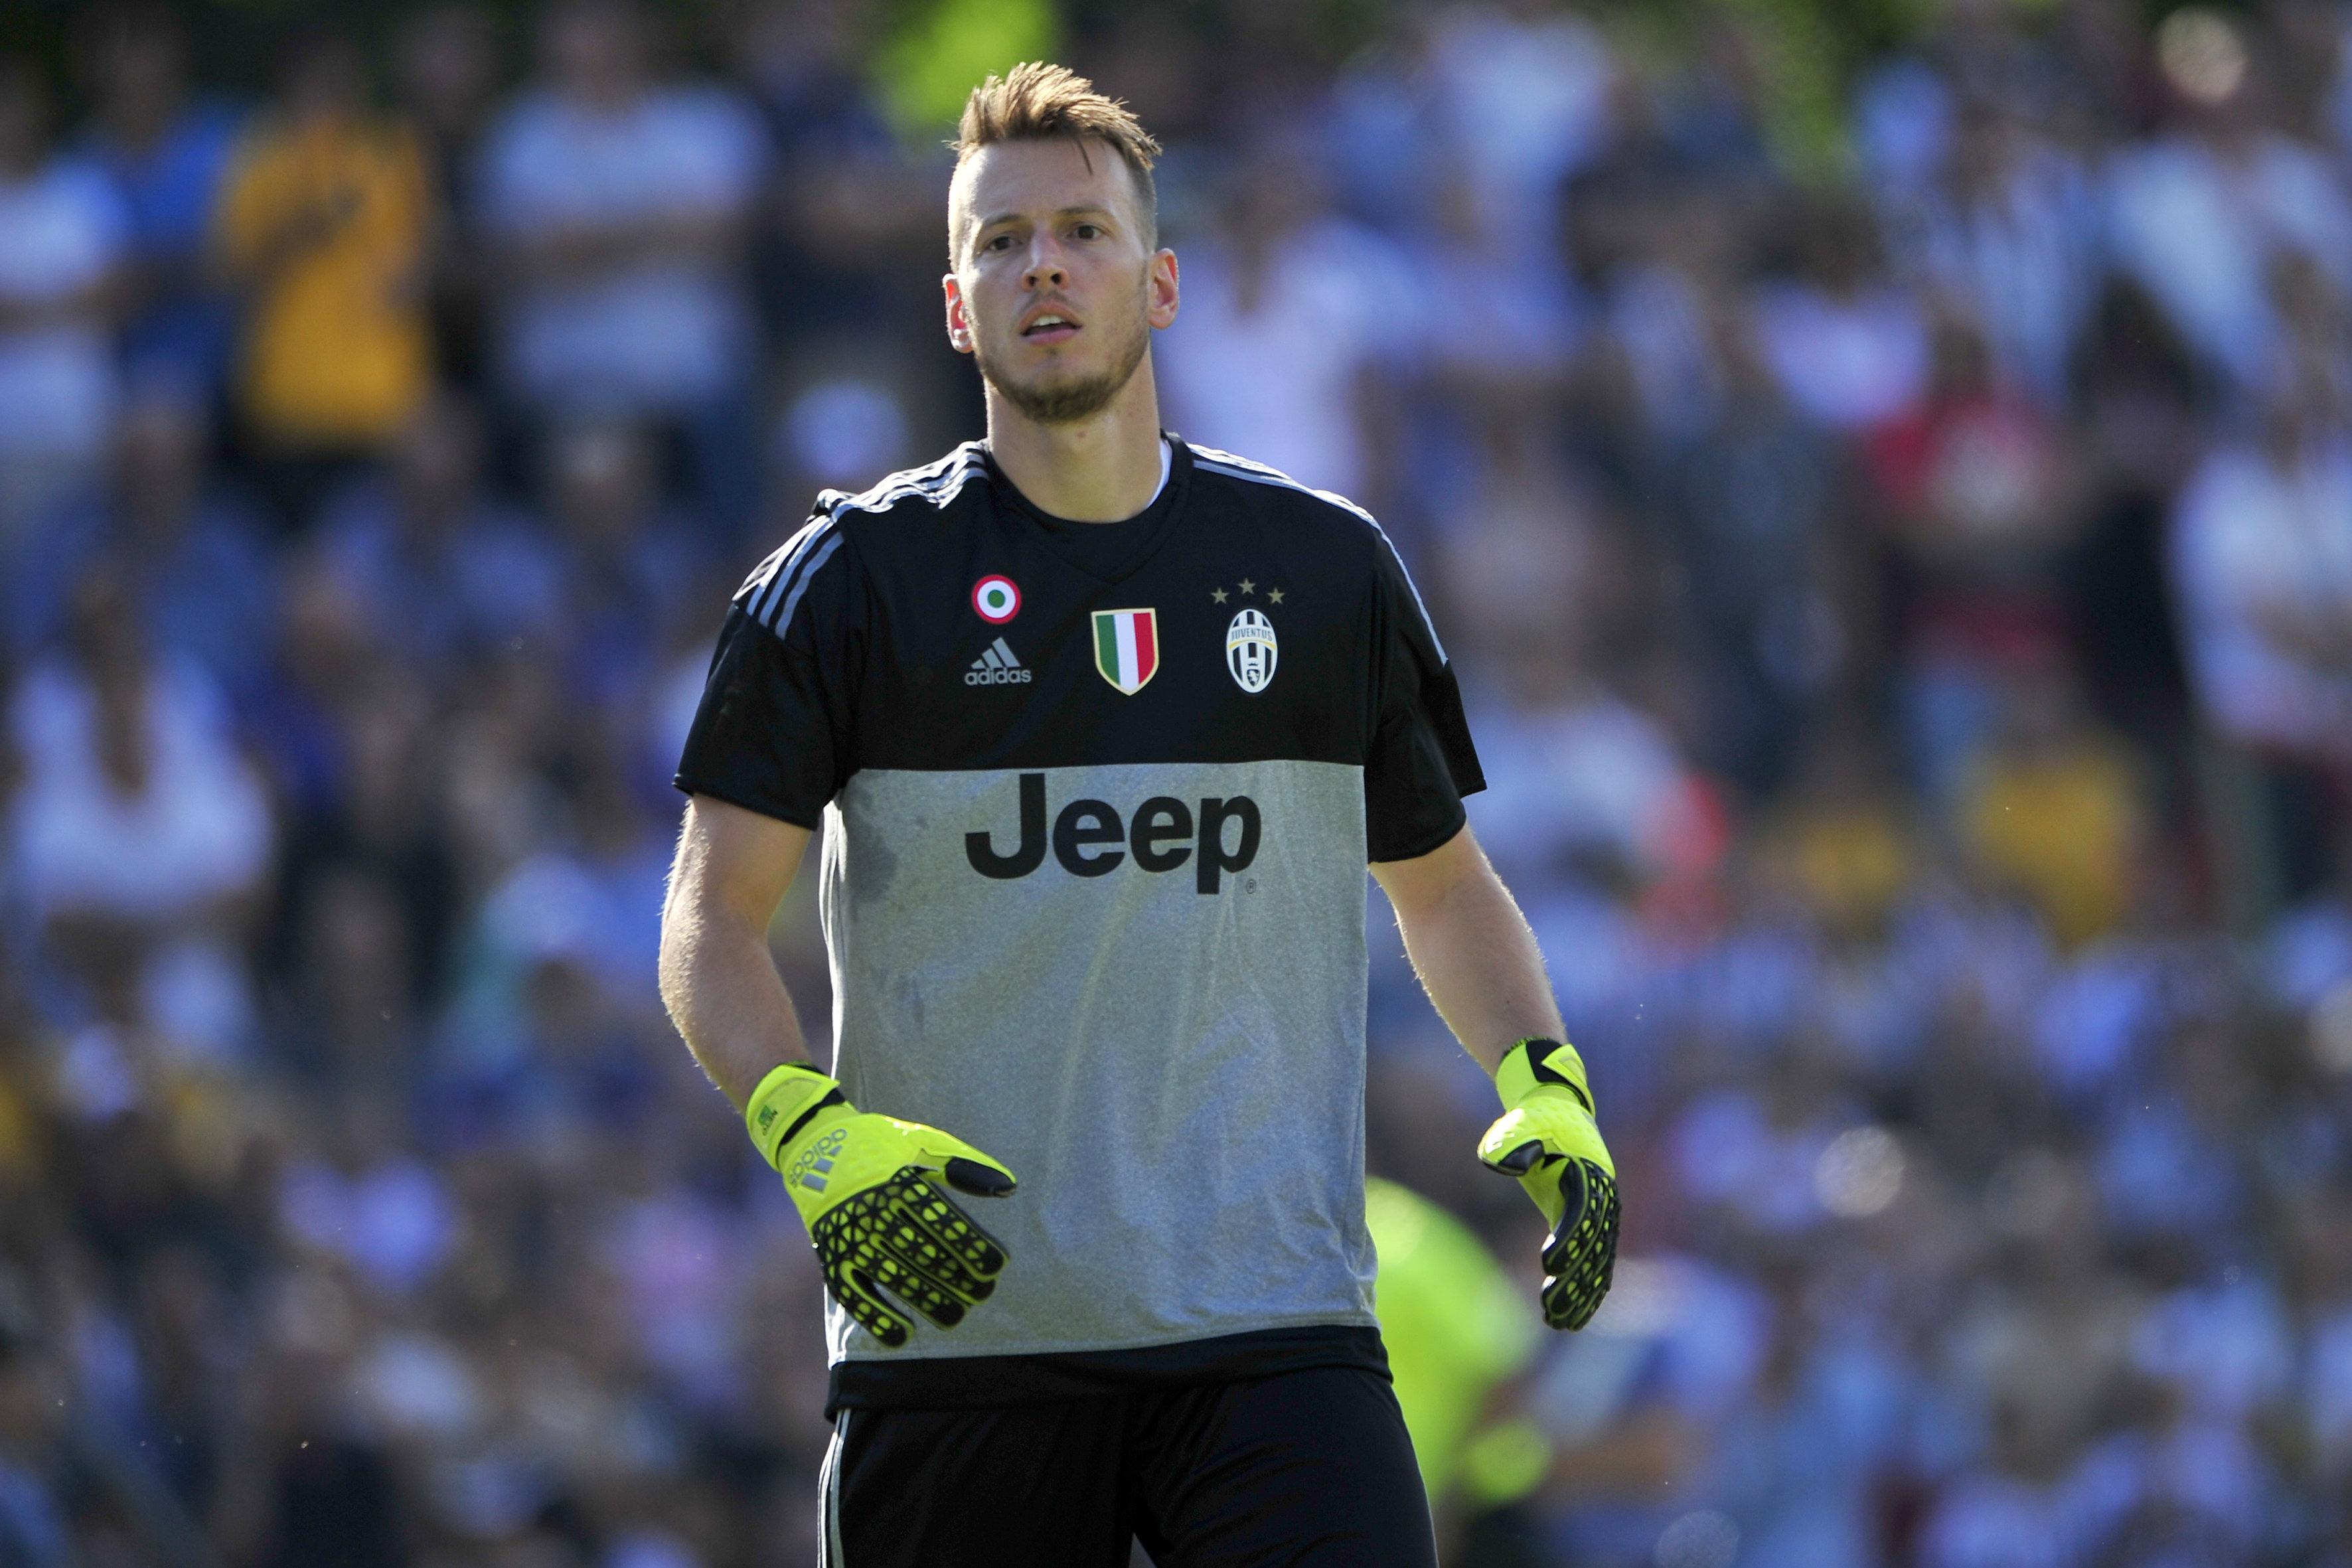 """Neto: """"Alla Juventus due anni buttati, non giocavo e pensavo troppo. Spero di andare al mondiale"""""""